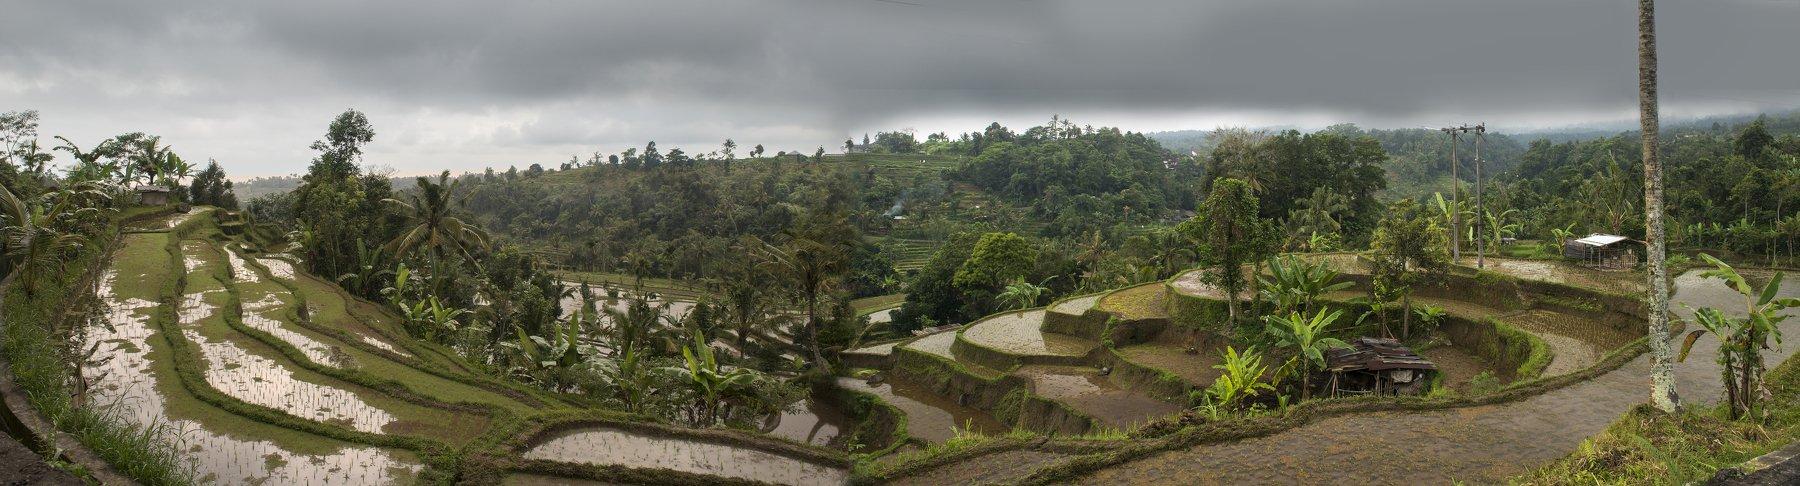 бали, остров, сказка, тропики, экзотика, индонезия, Марина Мудрова